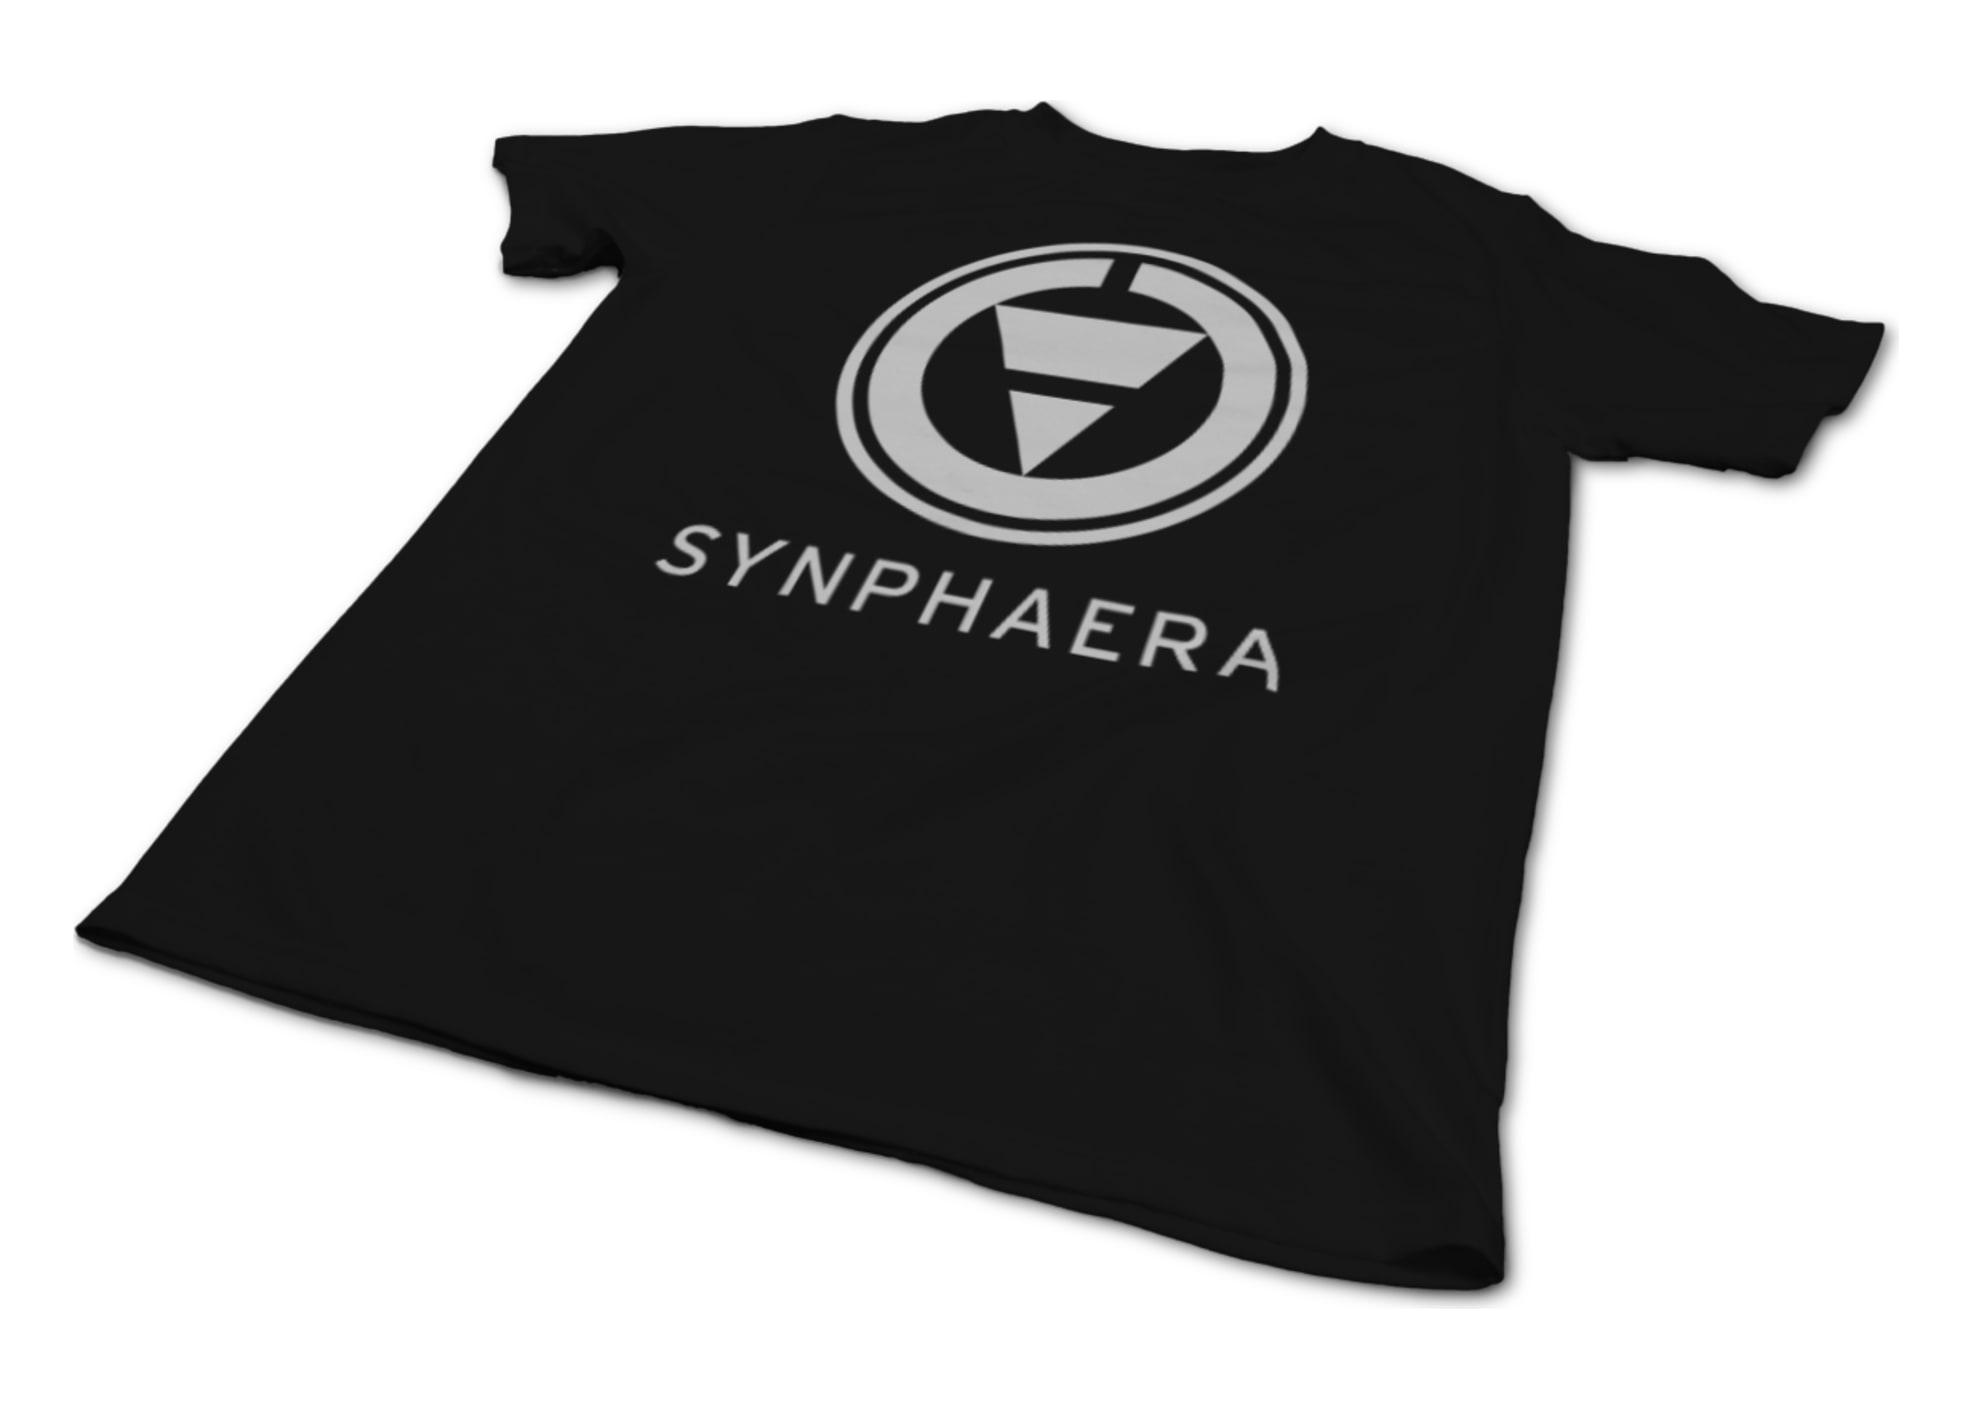 Synphaera original design official 1611772666